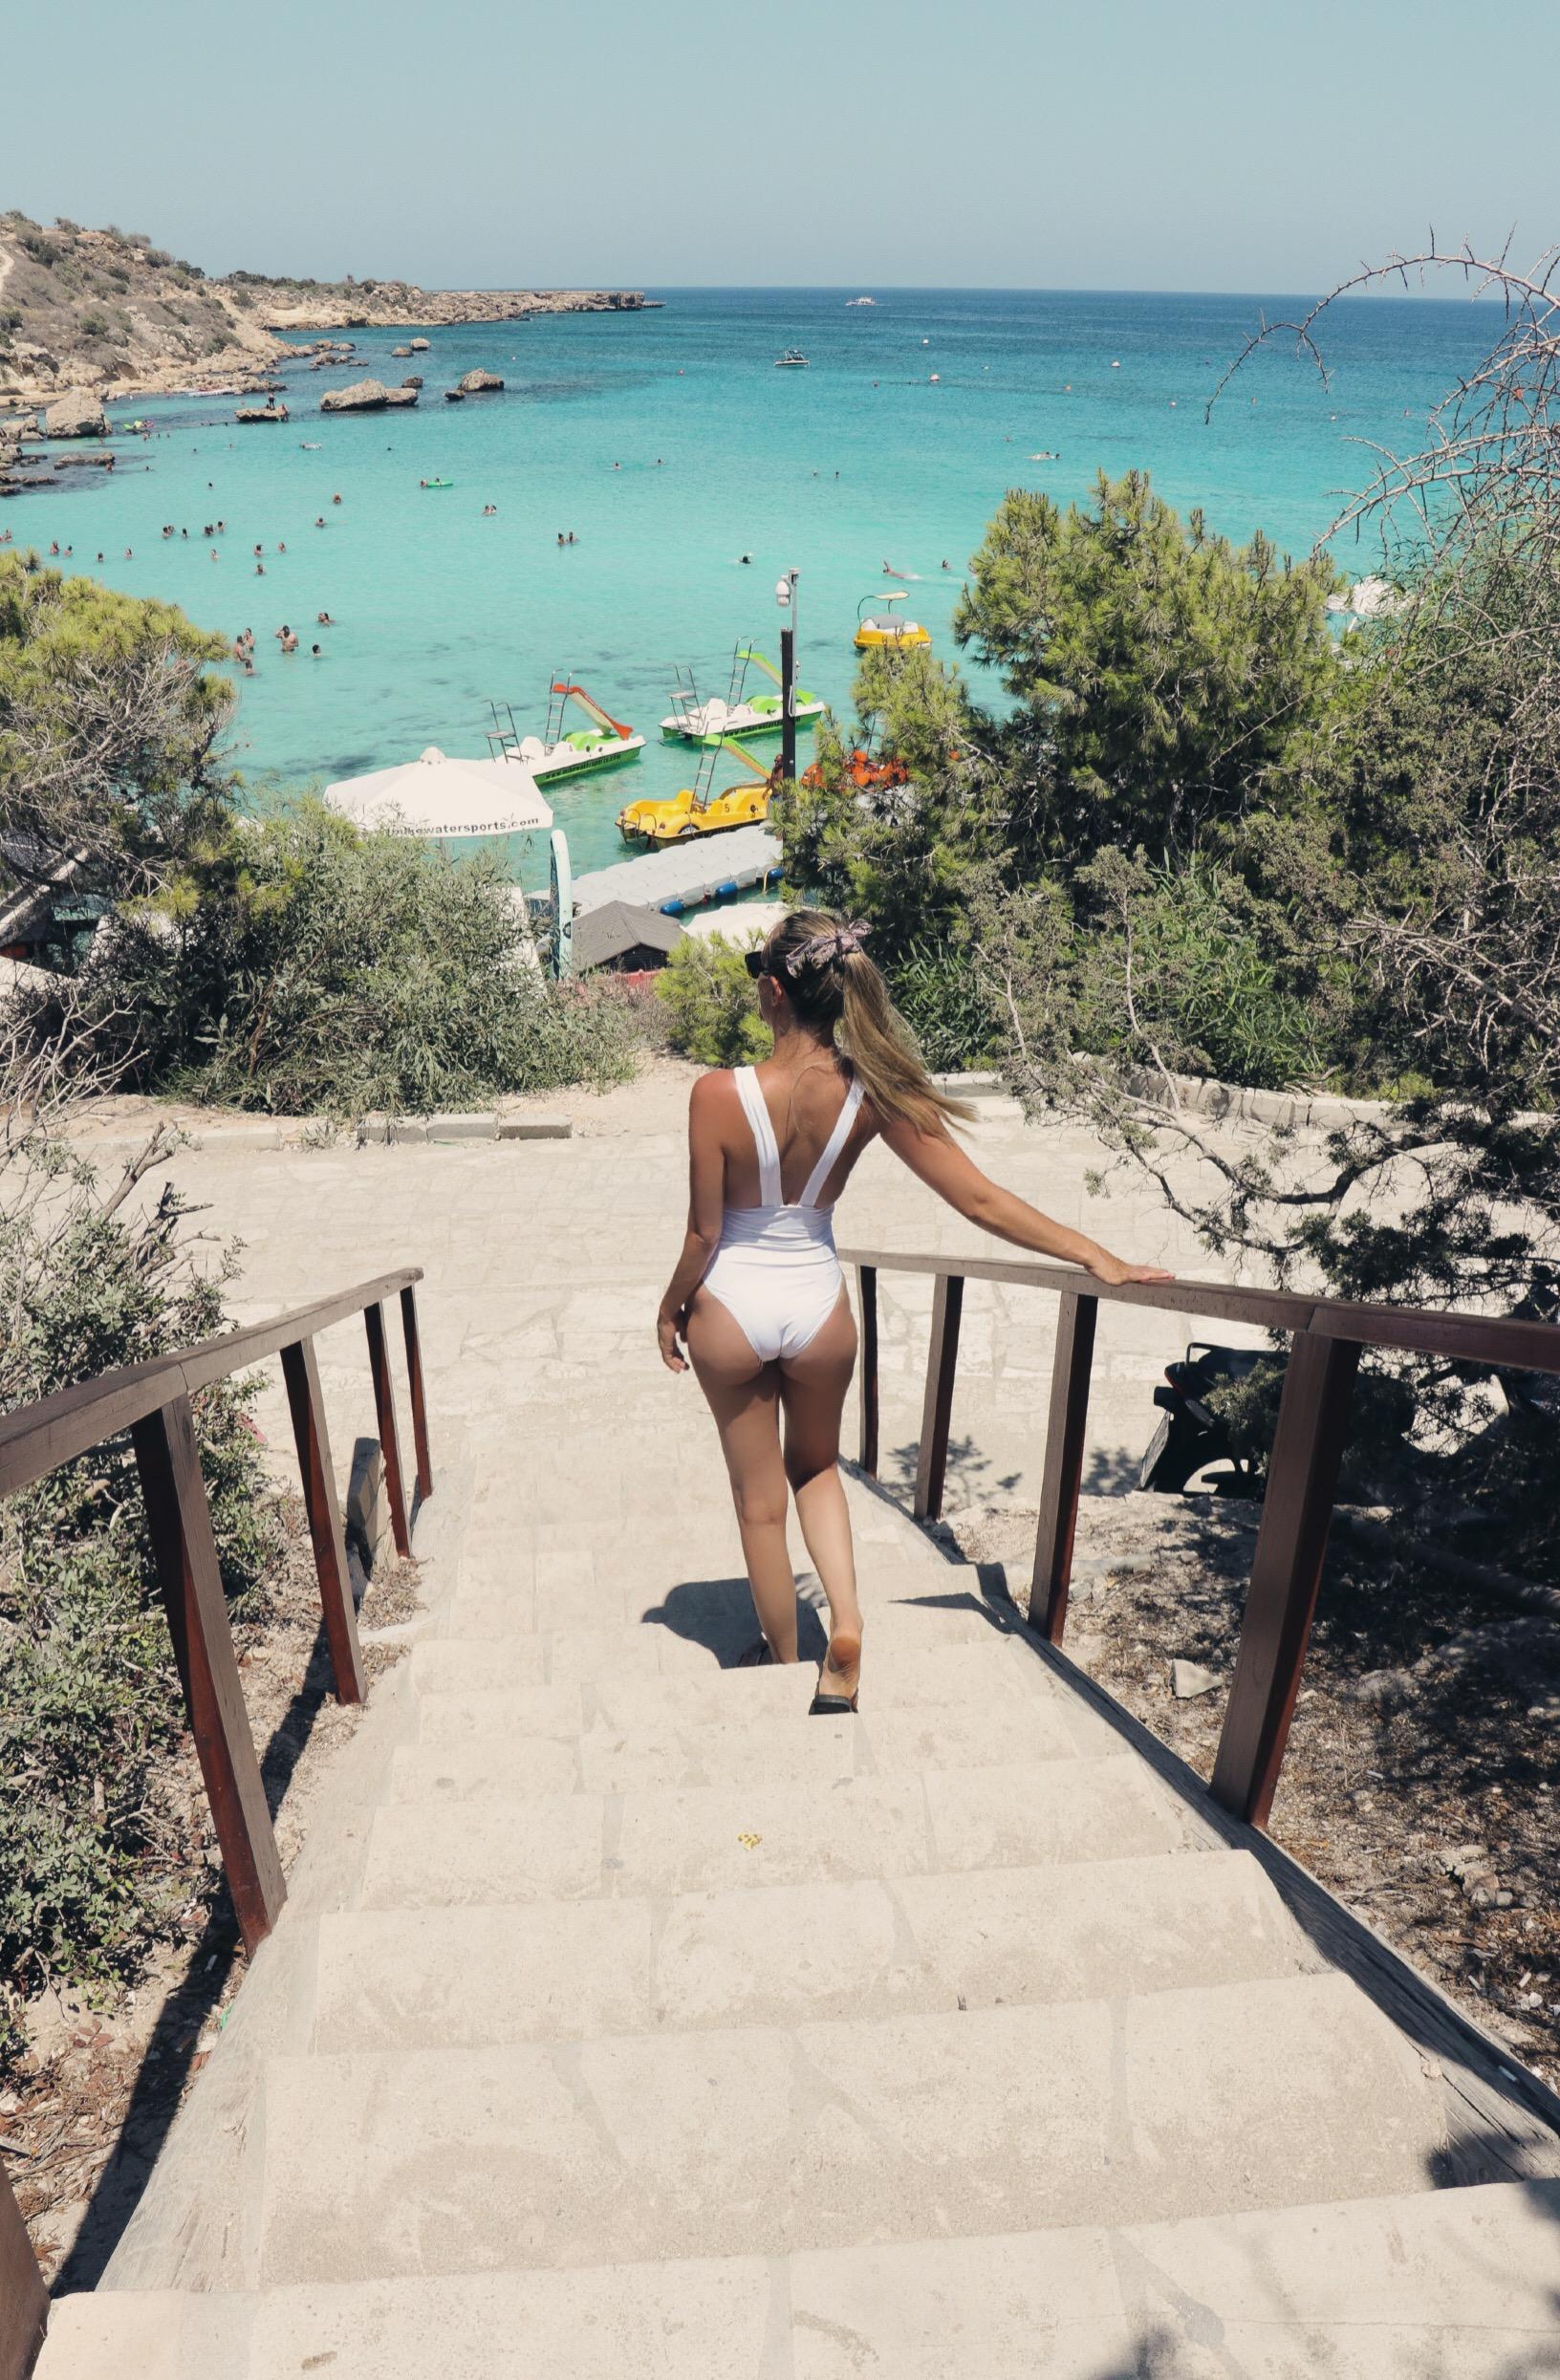 www.lindahaggh.com konnos beach Cyprus.jpg